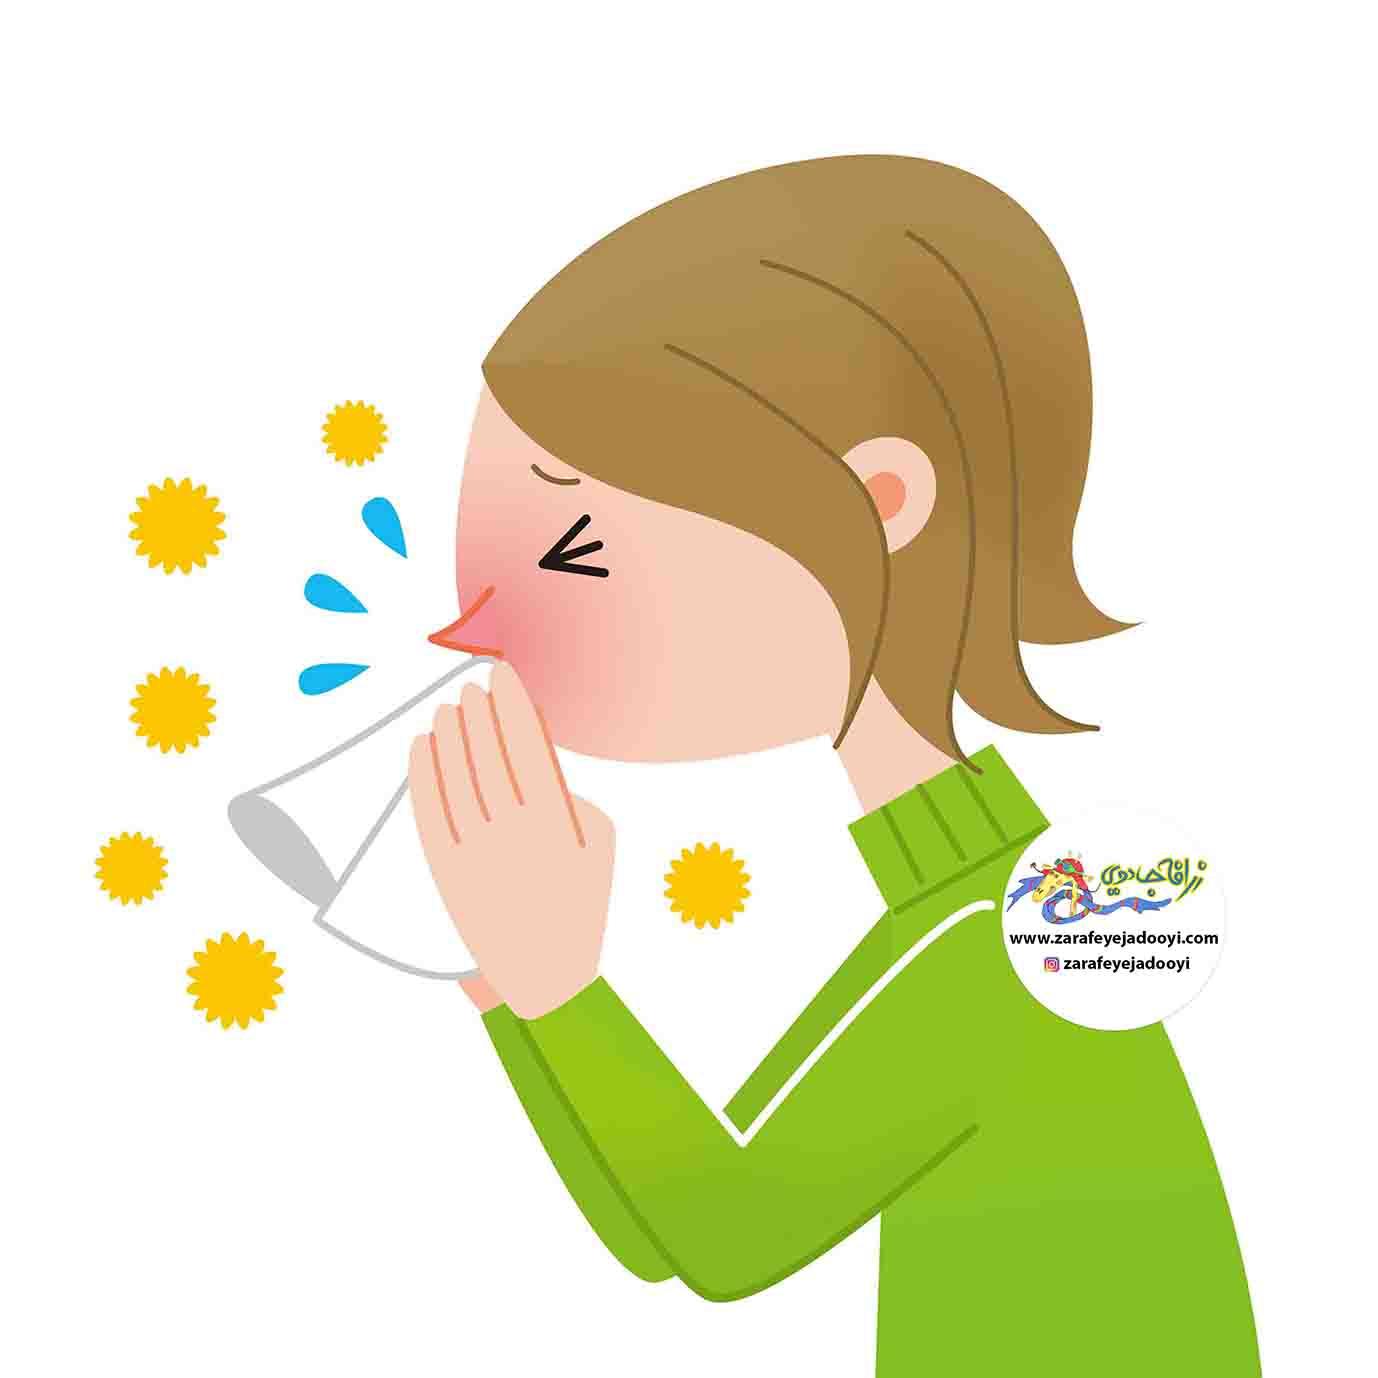 زرافه جادویی - التهاب راه های تنفسی